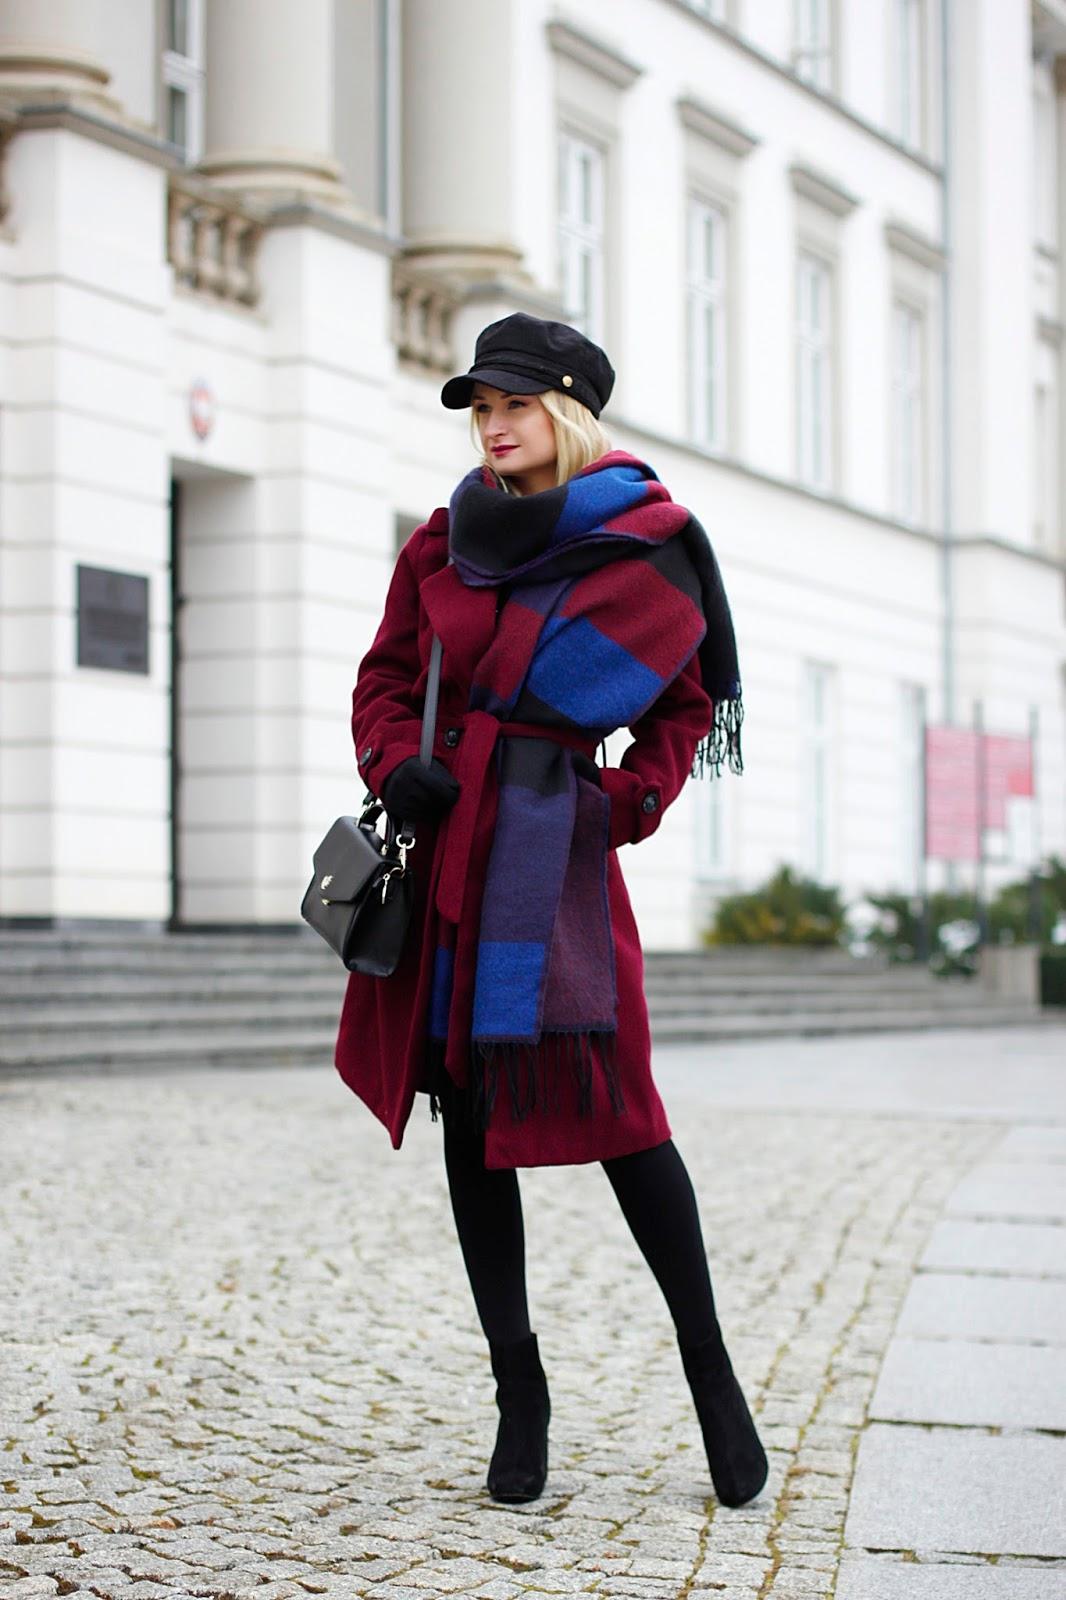 Zimowa stylizacja w kolorze bordo